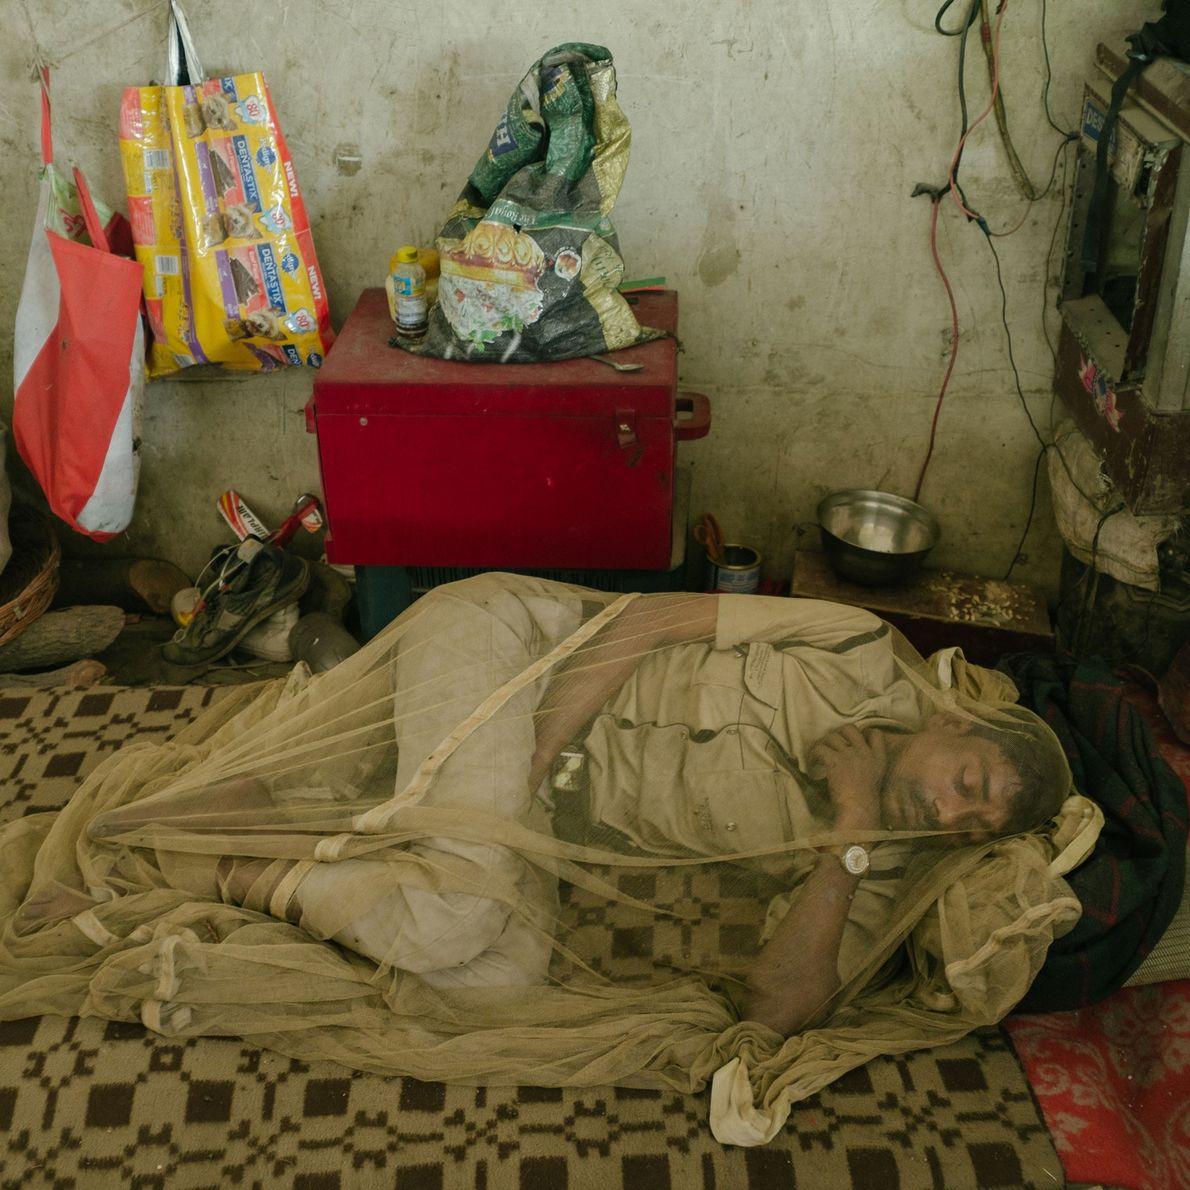 homem dorme próximo a rio poluído e se protege de doenças como dengue